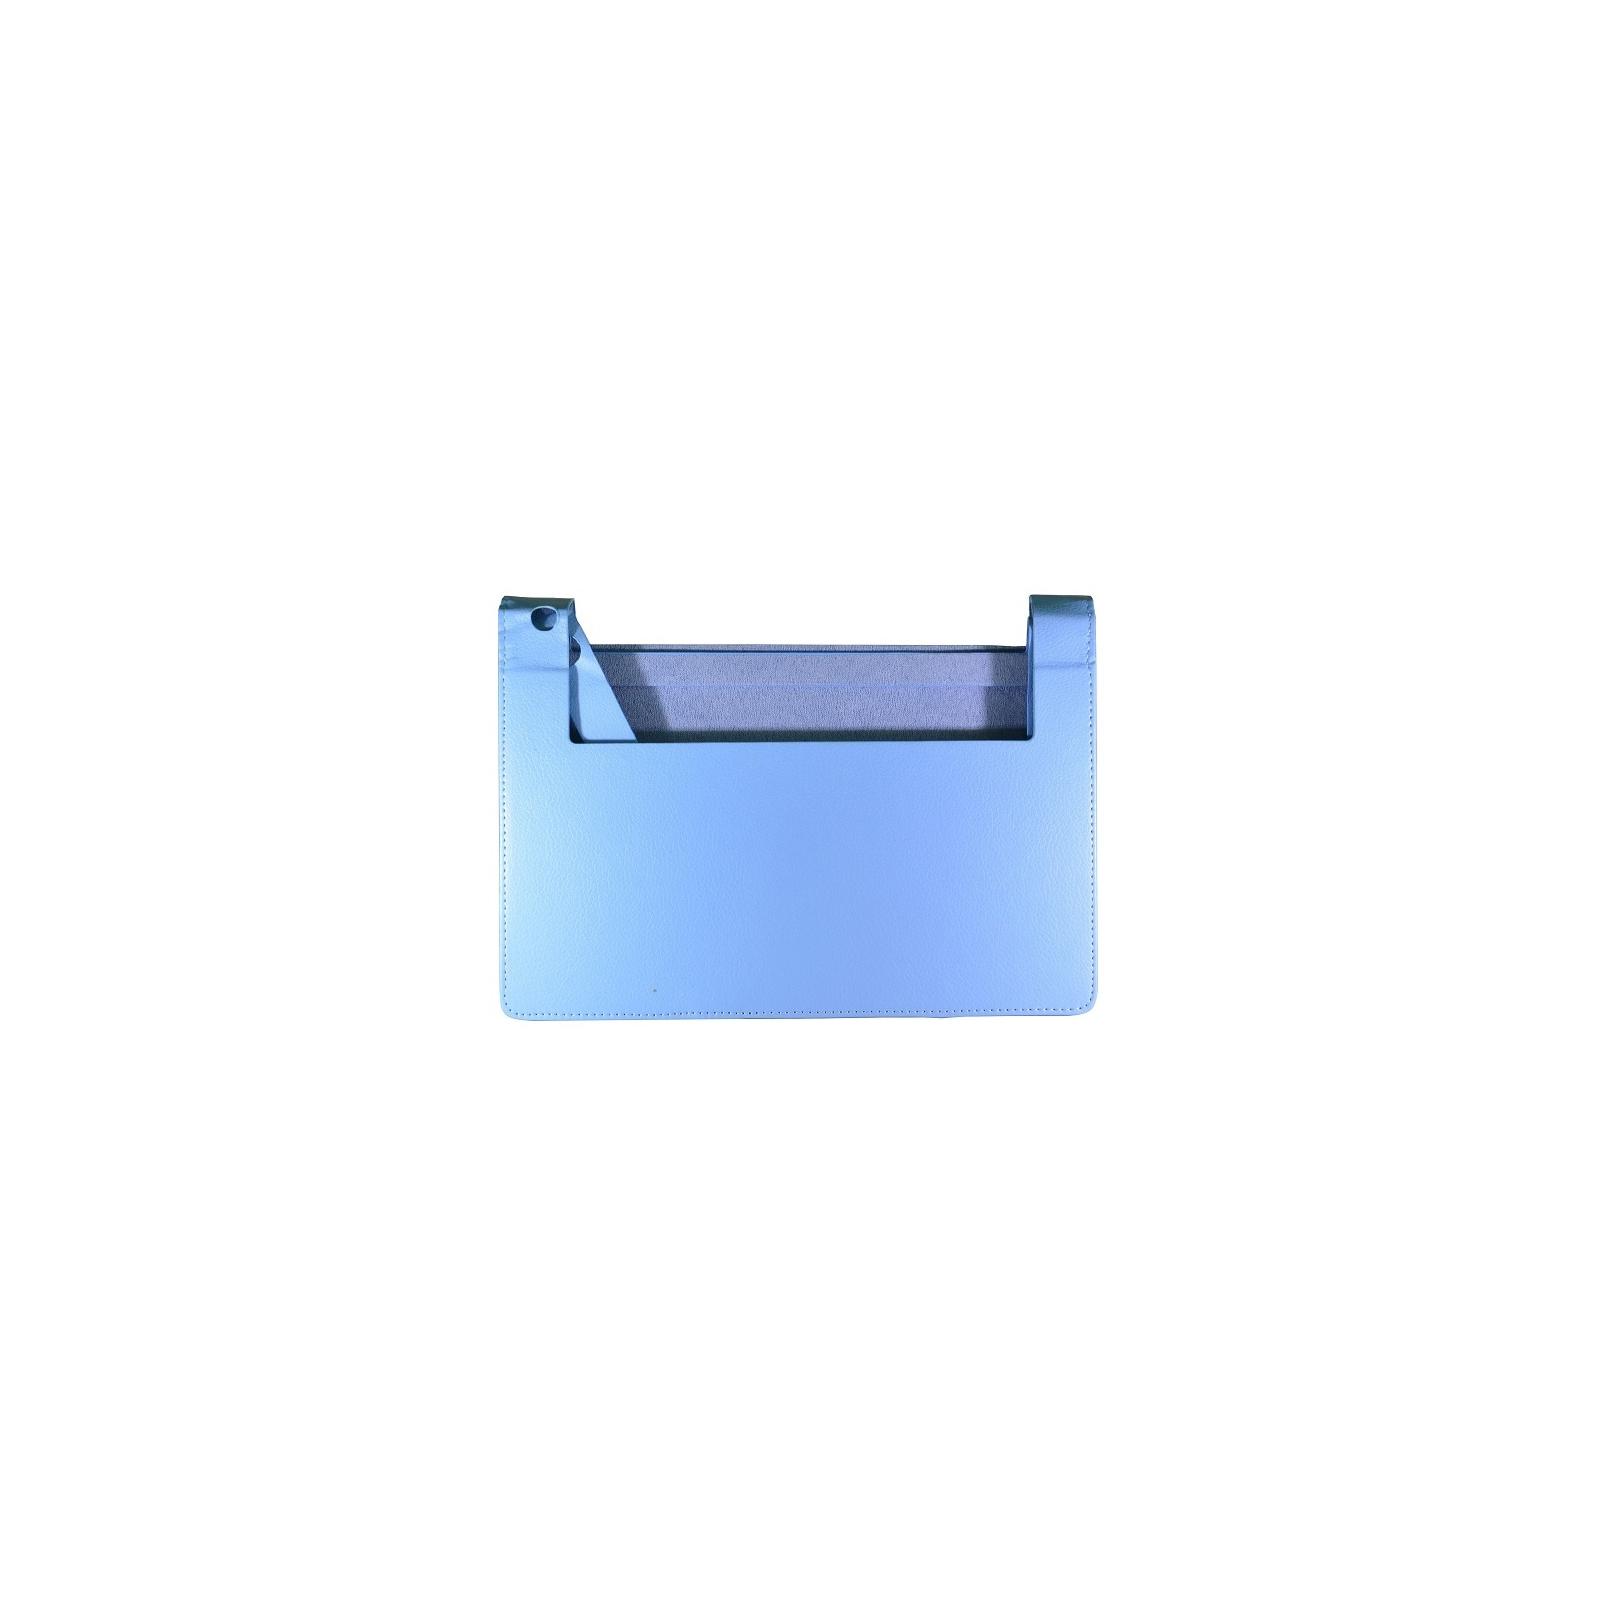 """Чехол для планшета Pro-case 10,1"""" Pro-case Lenovo B8080 blue (B8080blue) изображение 2"""